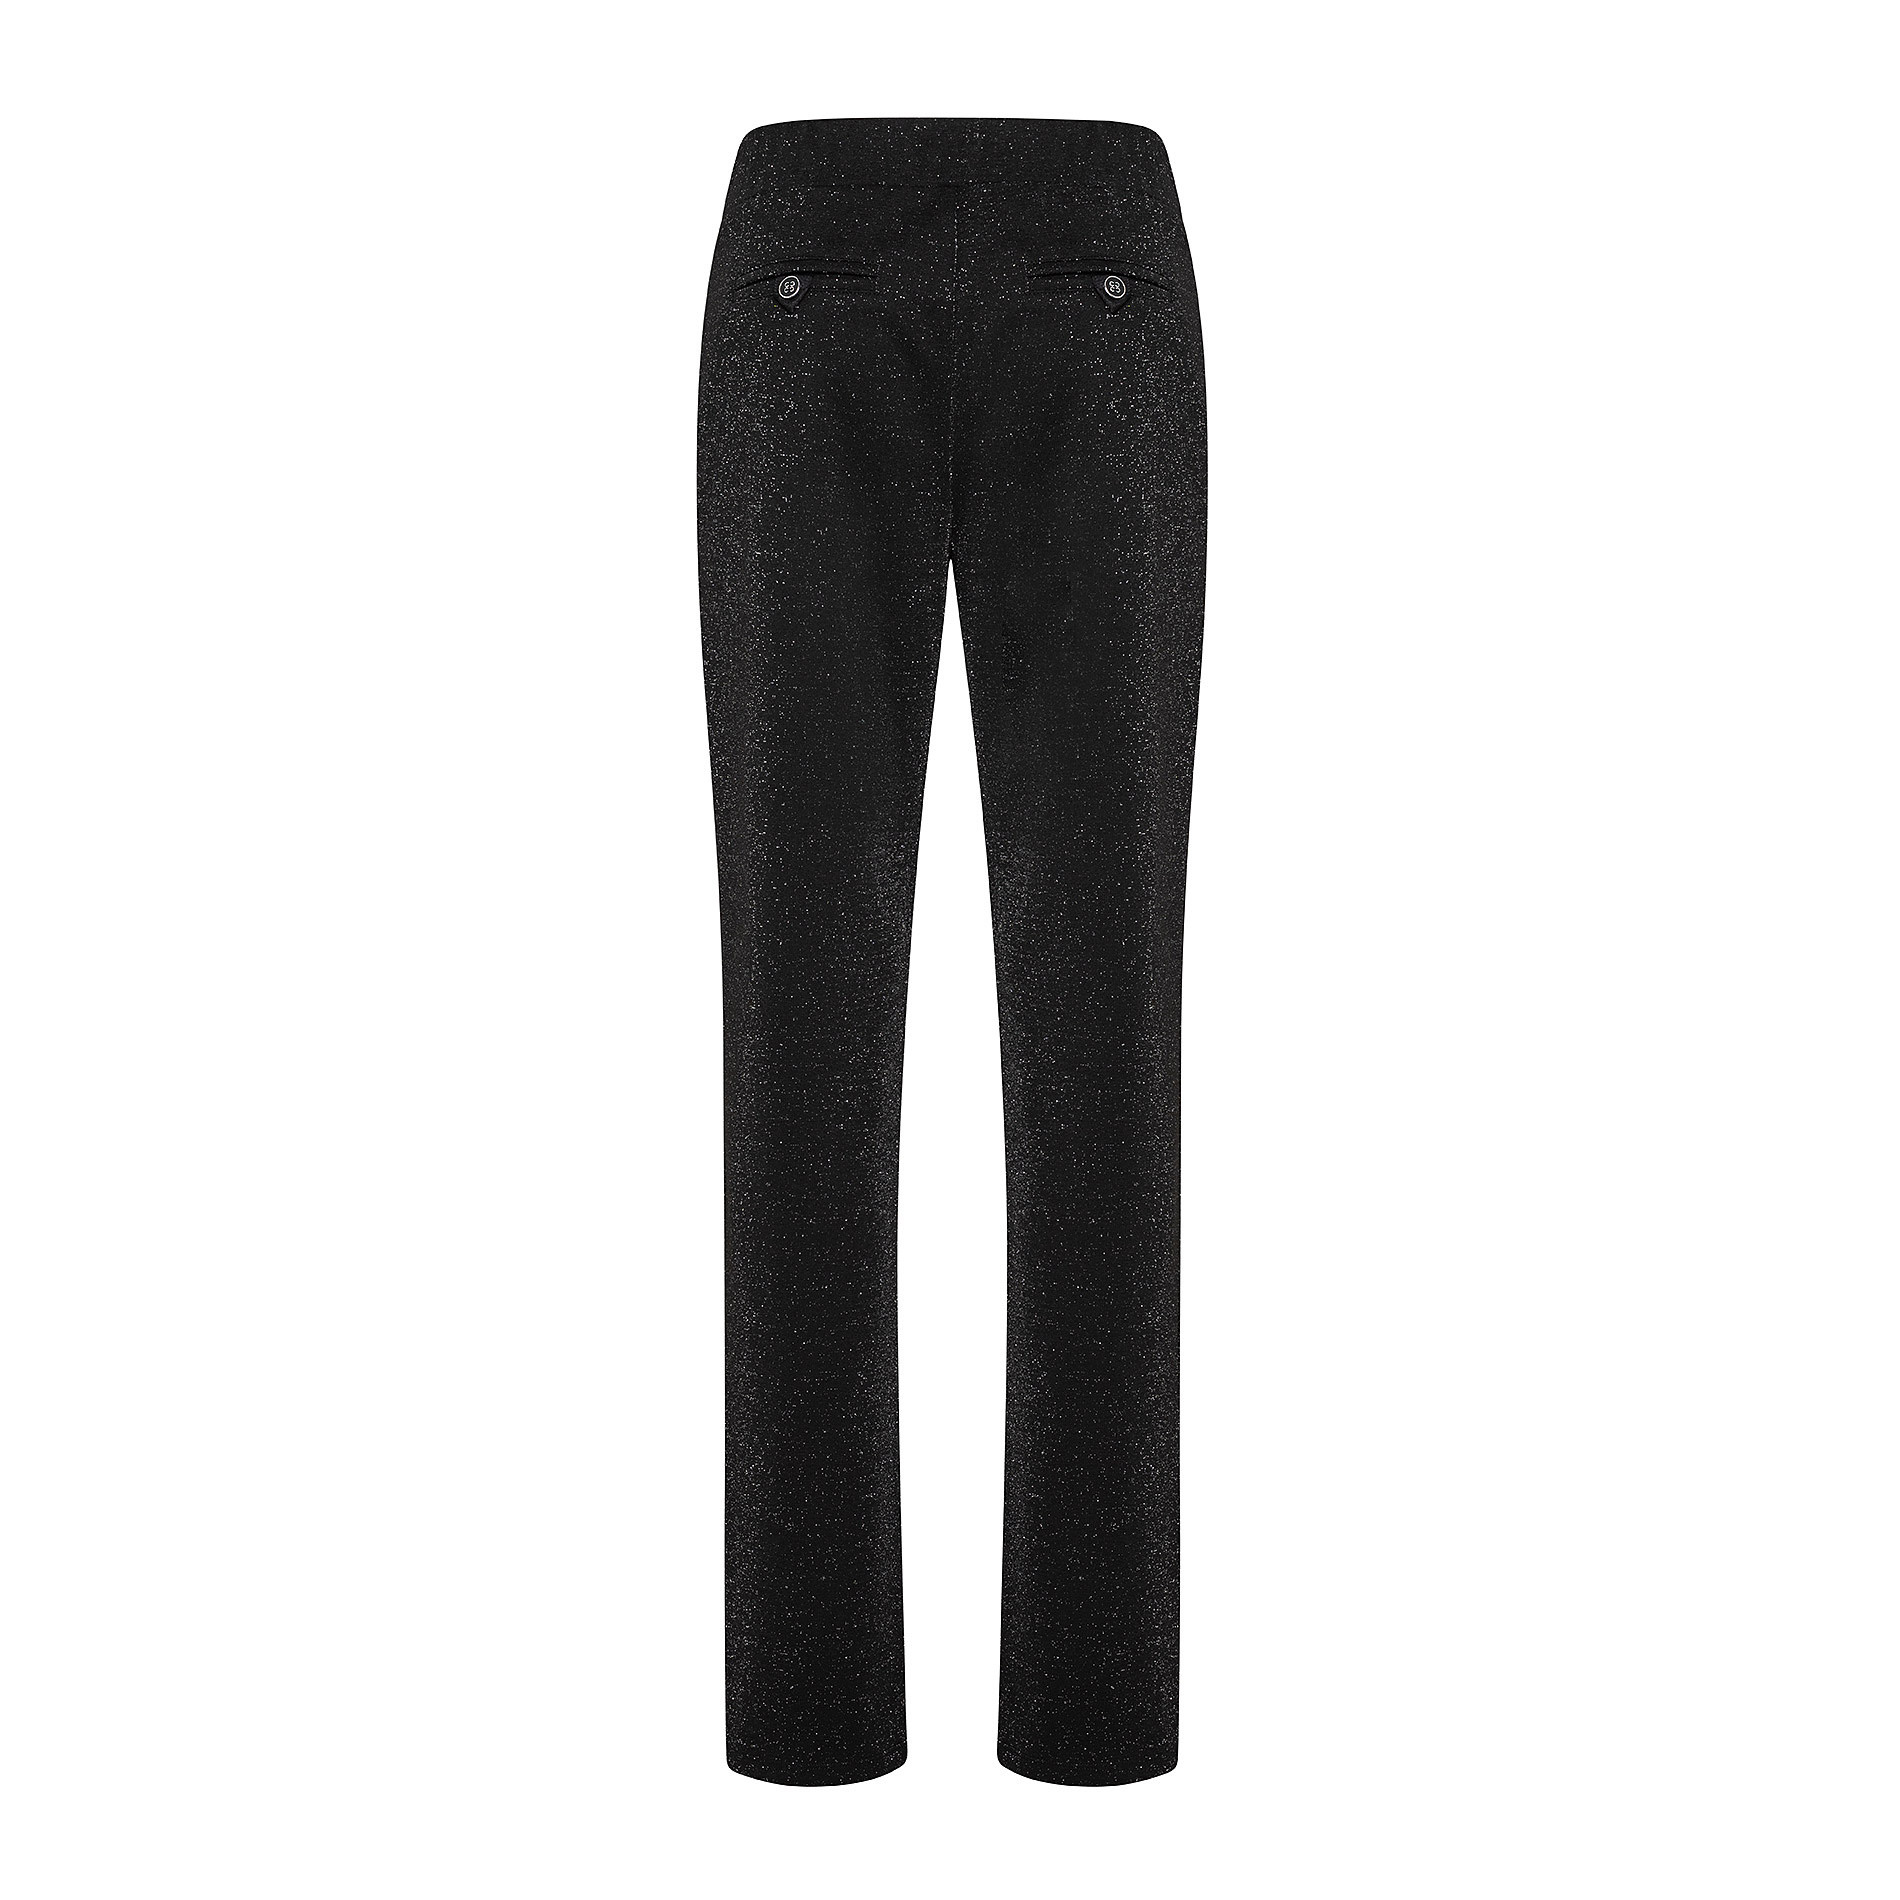 Pantaloni tinta unita con lurex, Nero, large image number 1